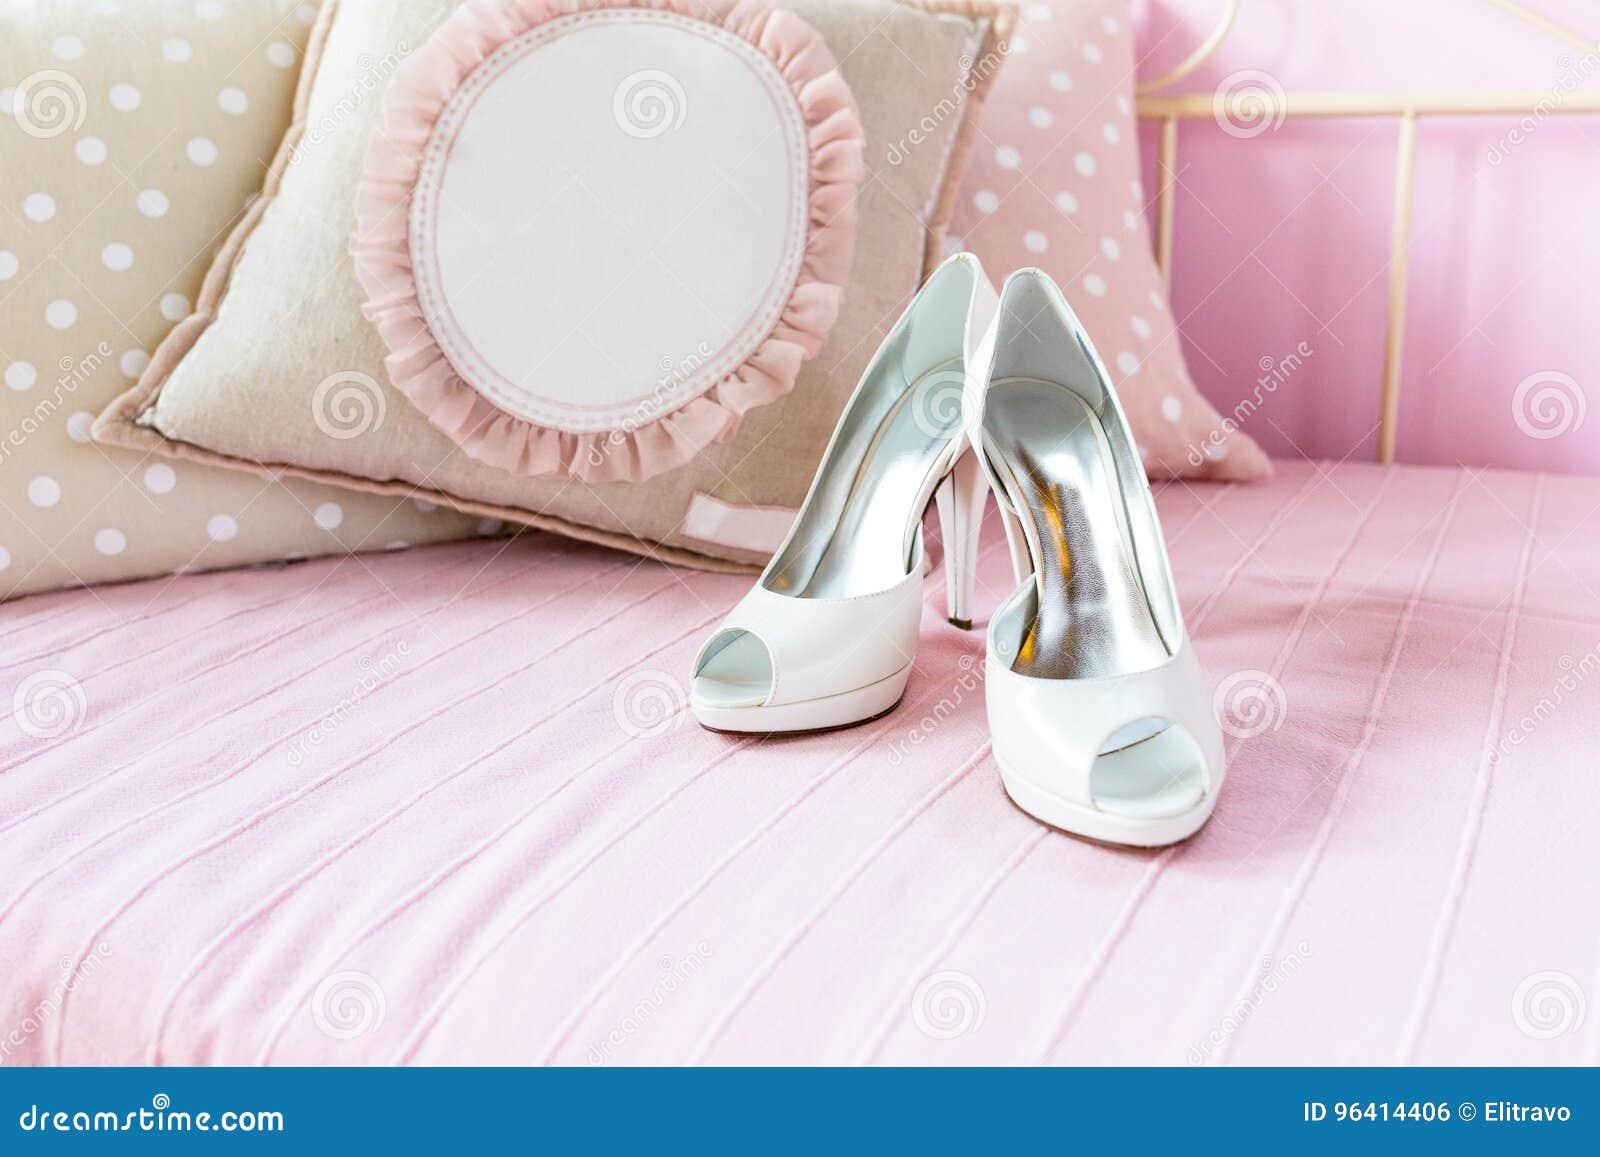 2bc708d0137a Όμορφα άσπρα νυφικά παπούτσια για τη ημέρα γάμου Στοκ Εικόνες ...